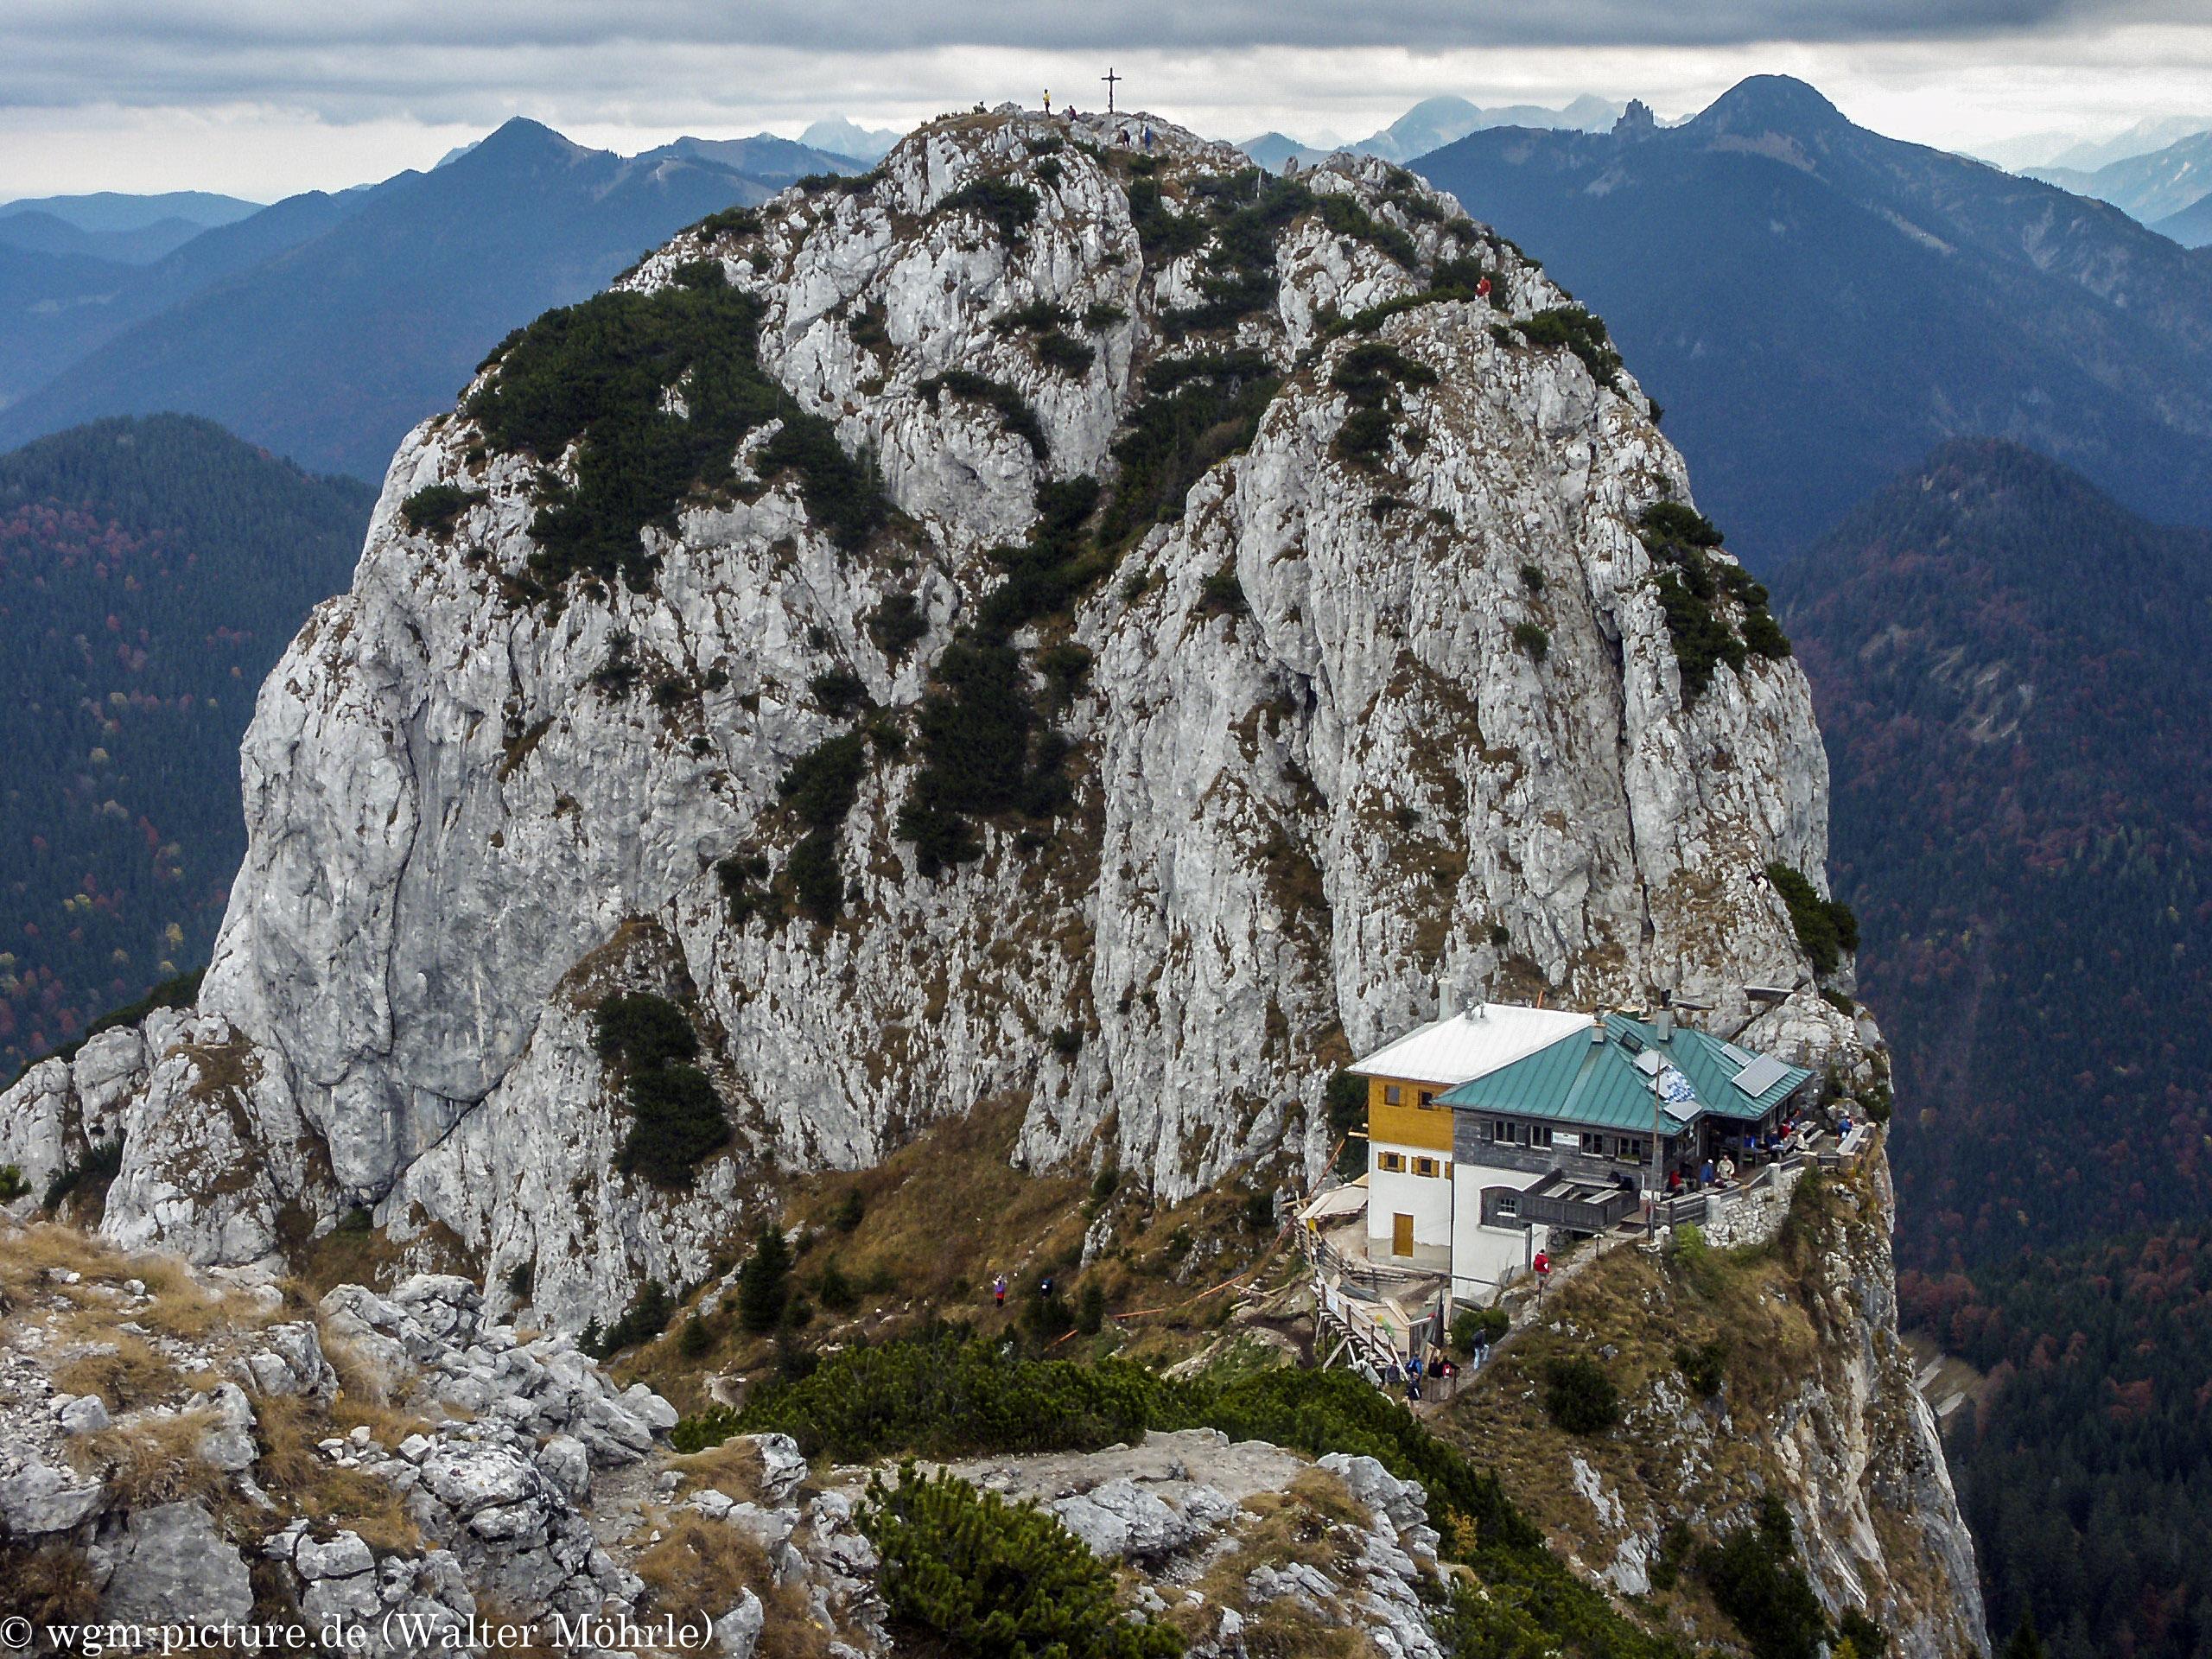 Klettersteig Tegernseer Hütte : Buchstein mit der tegernseer hütte wgm picture